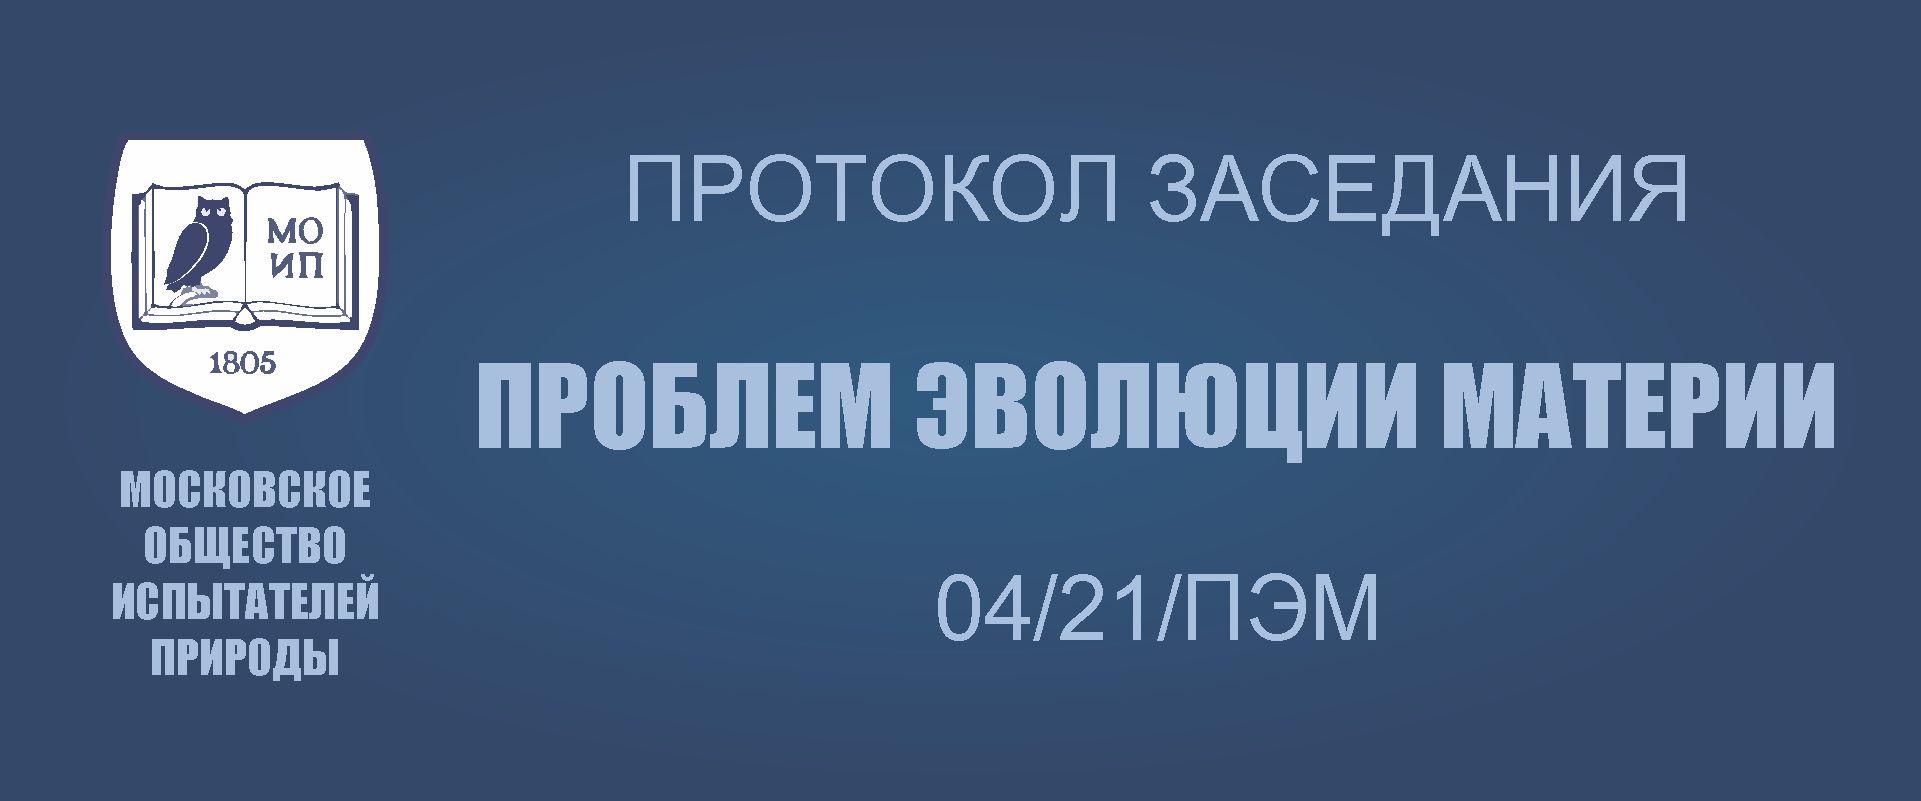 ПРОТОКОЛ № 04/21/ПЭМ заседания секции «ПРОБЛЕМ ЭВОЛЮЦИИ МАТЕРИИ» МОИП от 18 мая 2021 г.